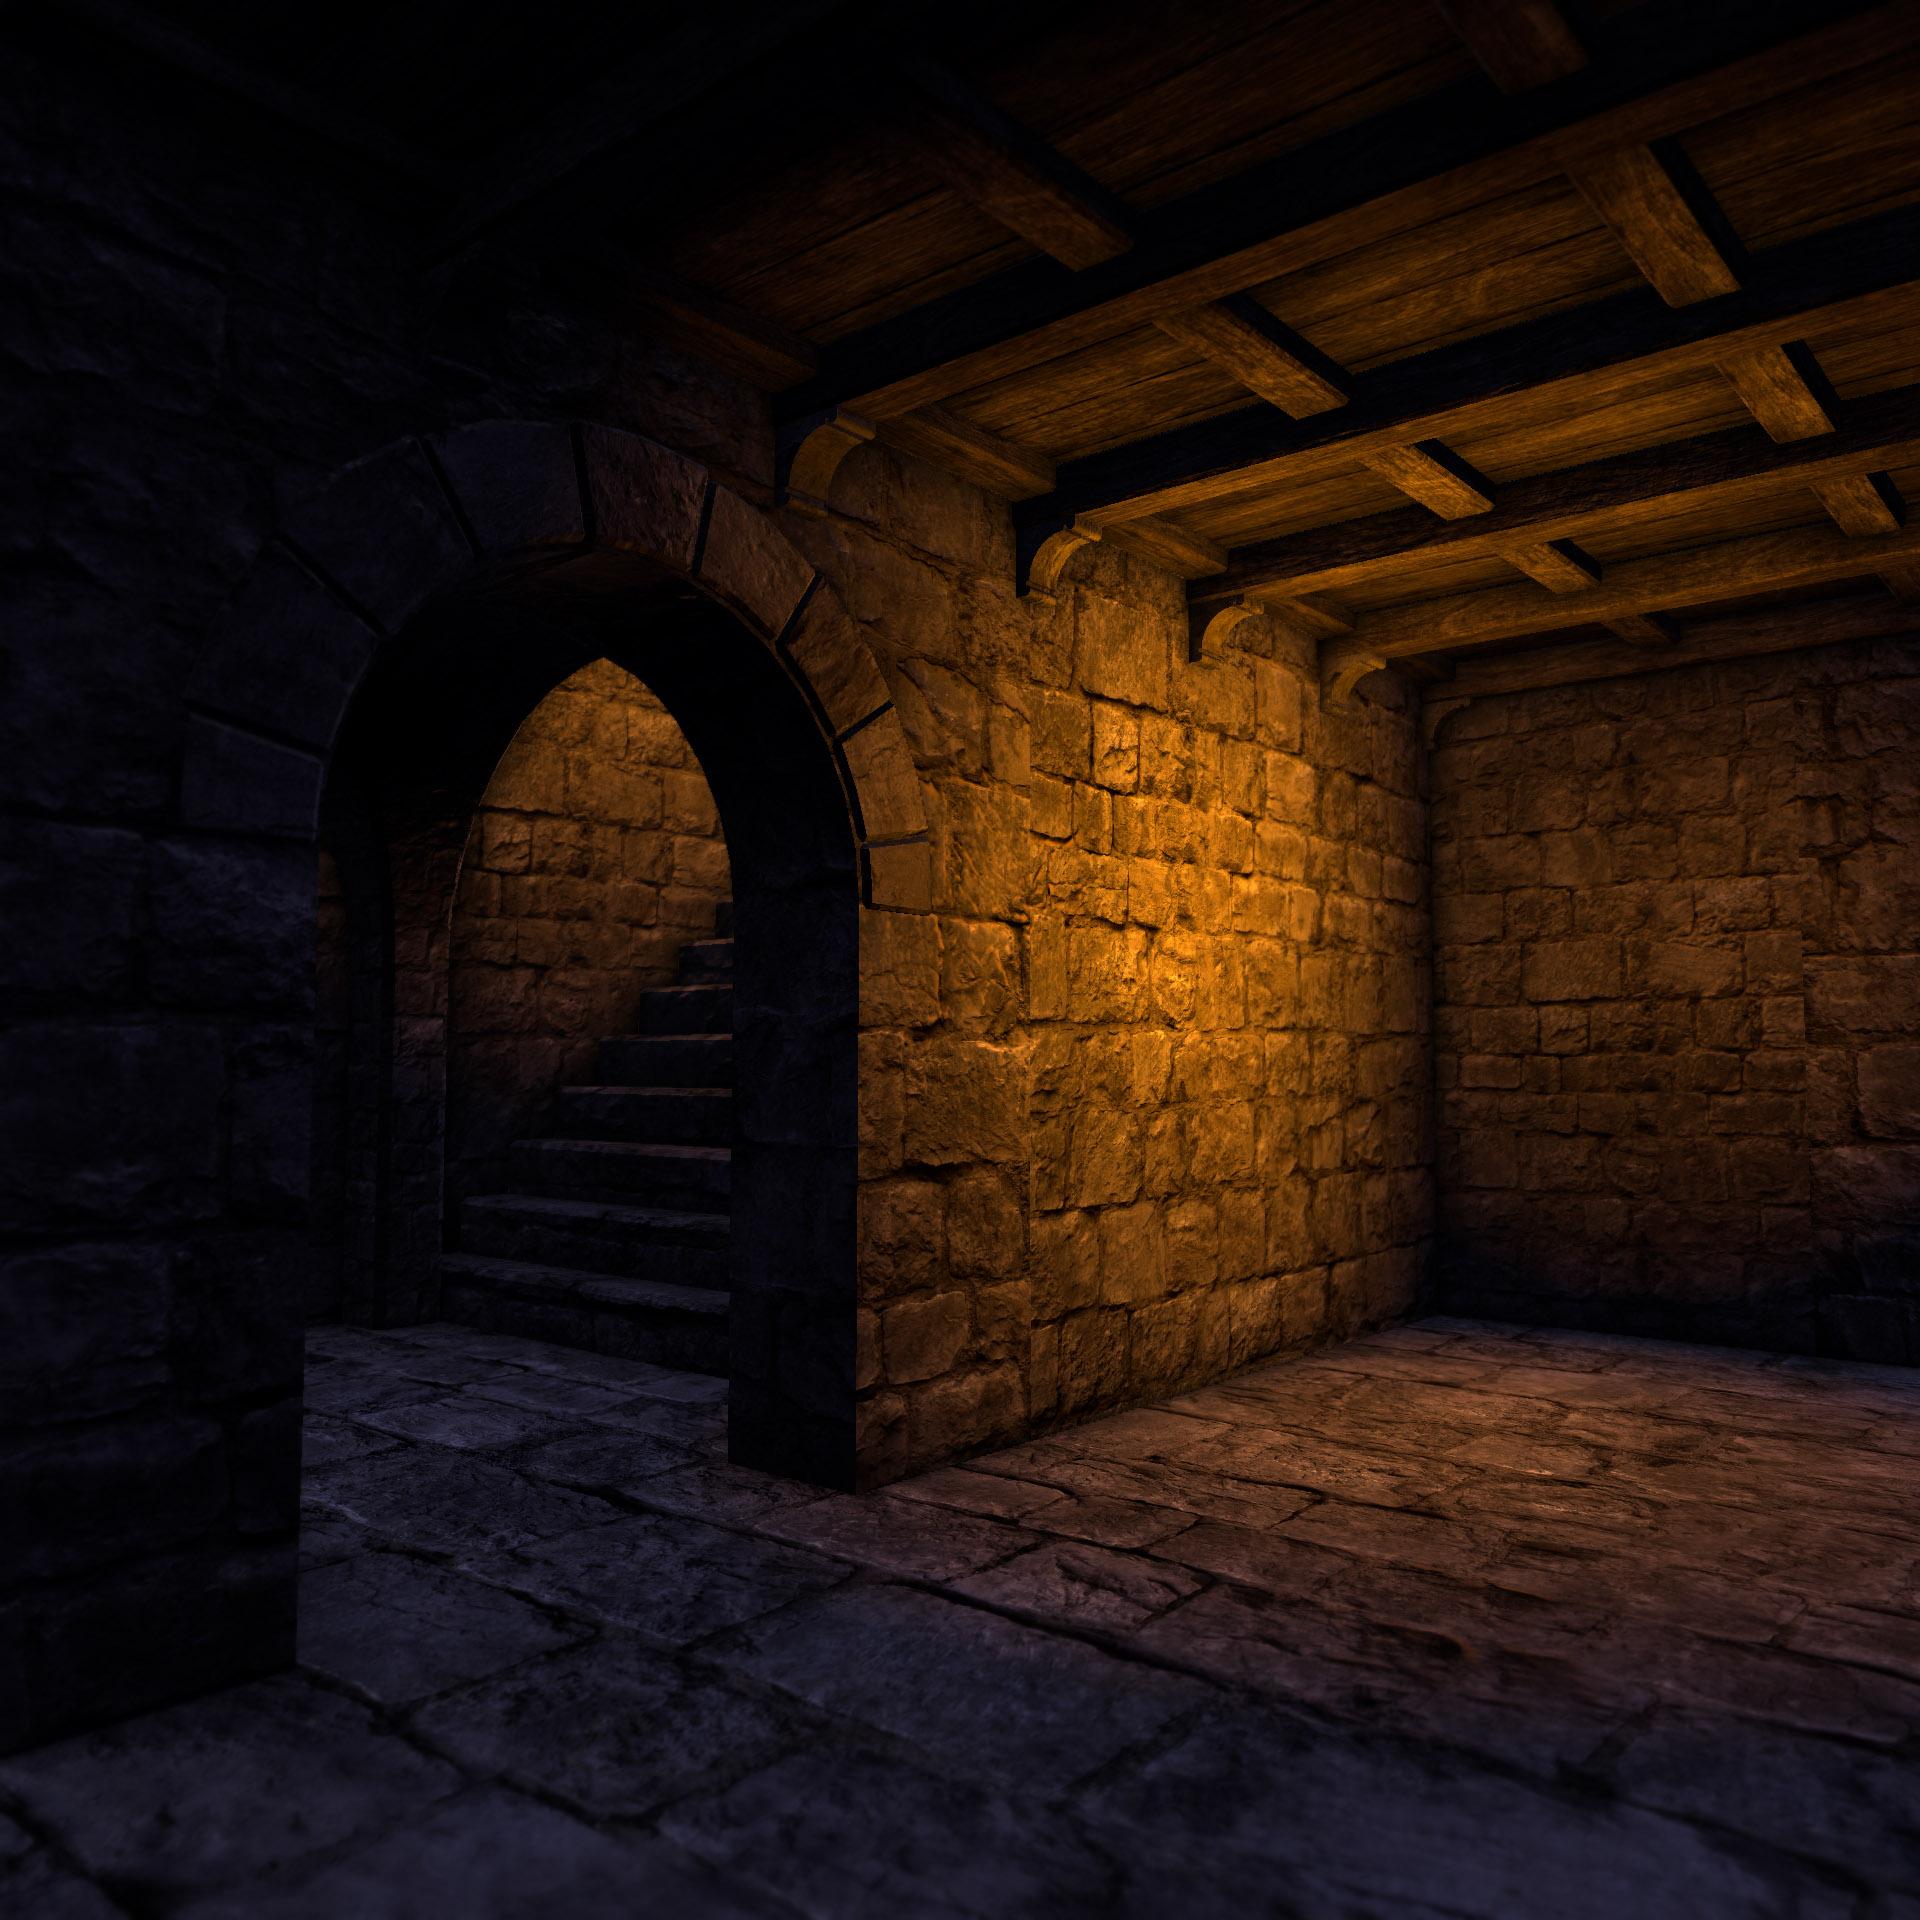 картинка вход в подземелье хиддлстон знаменитый